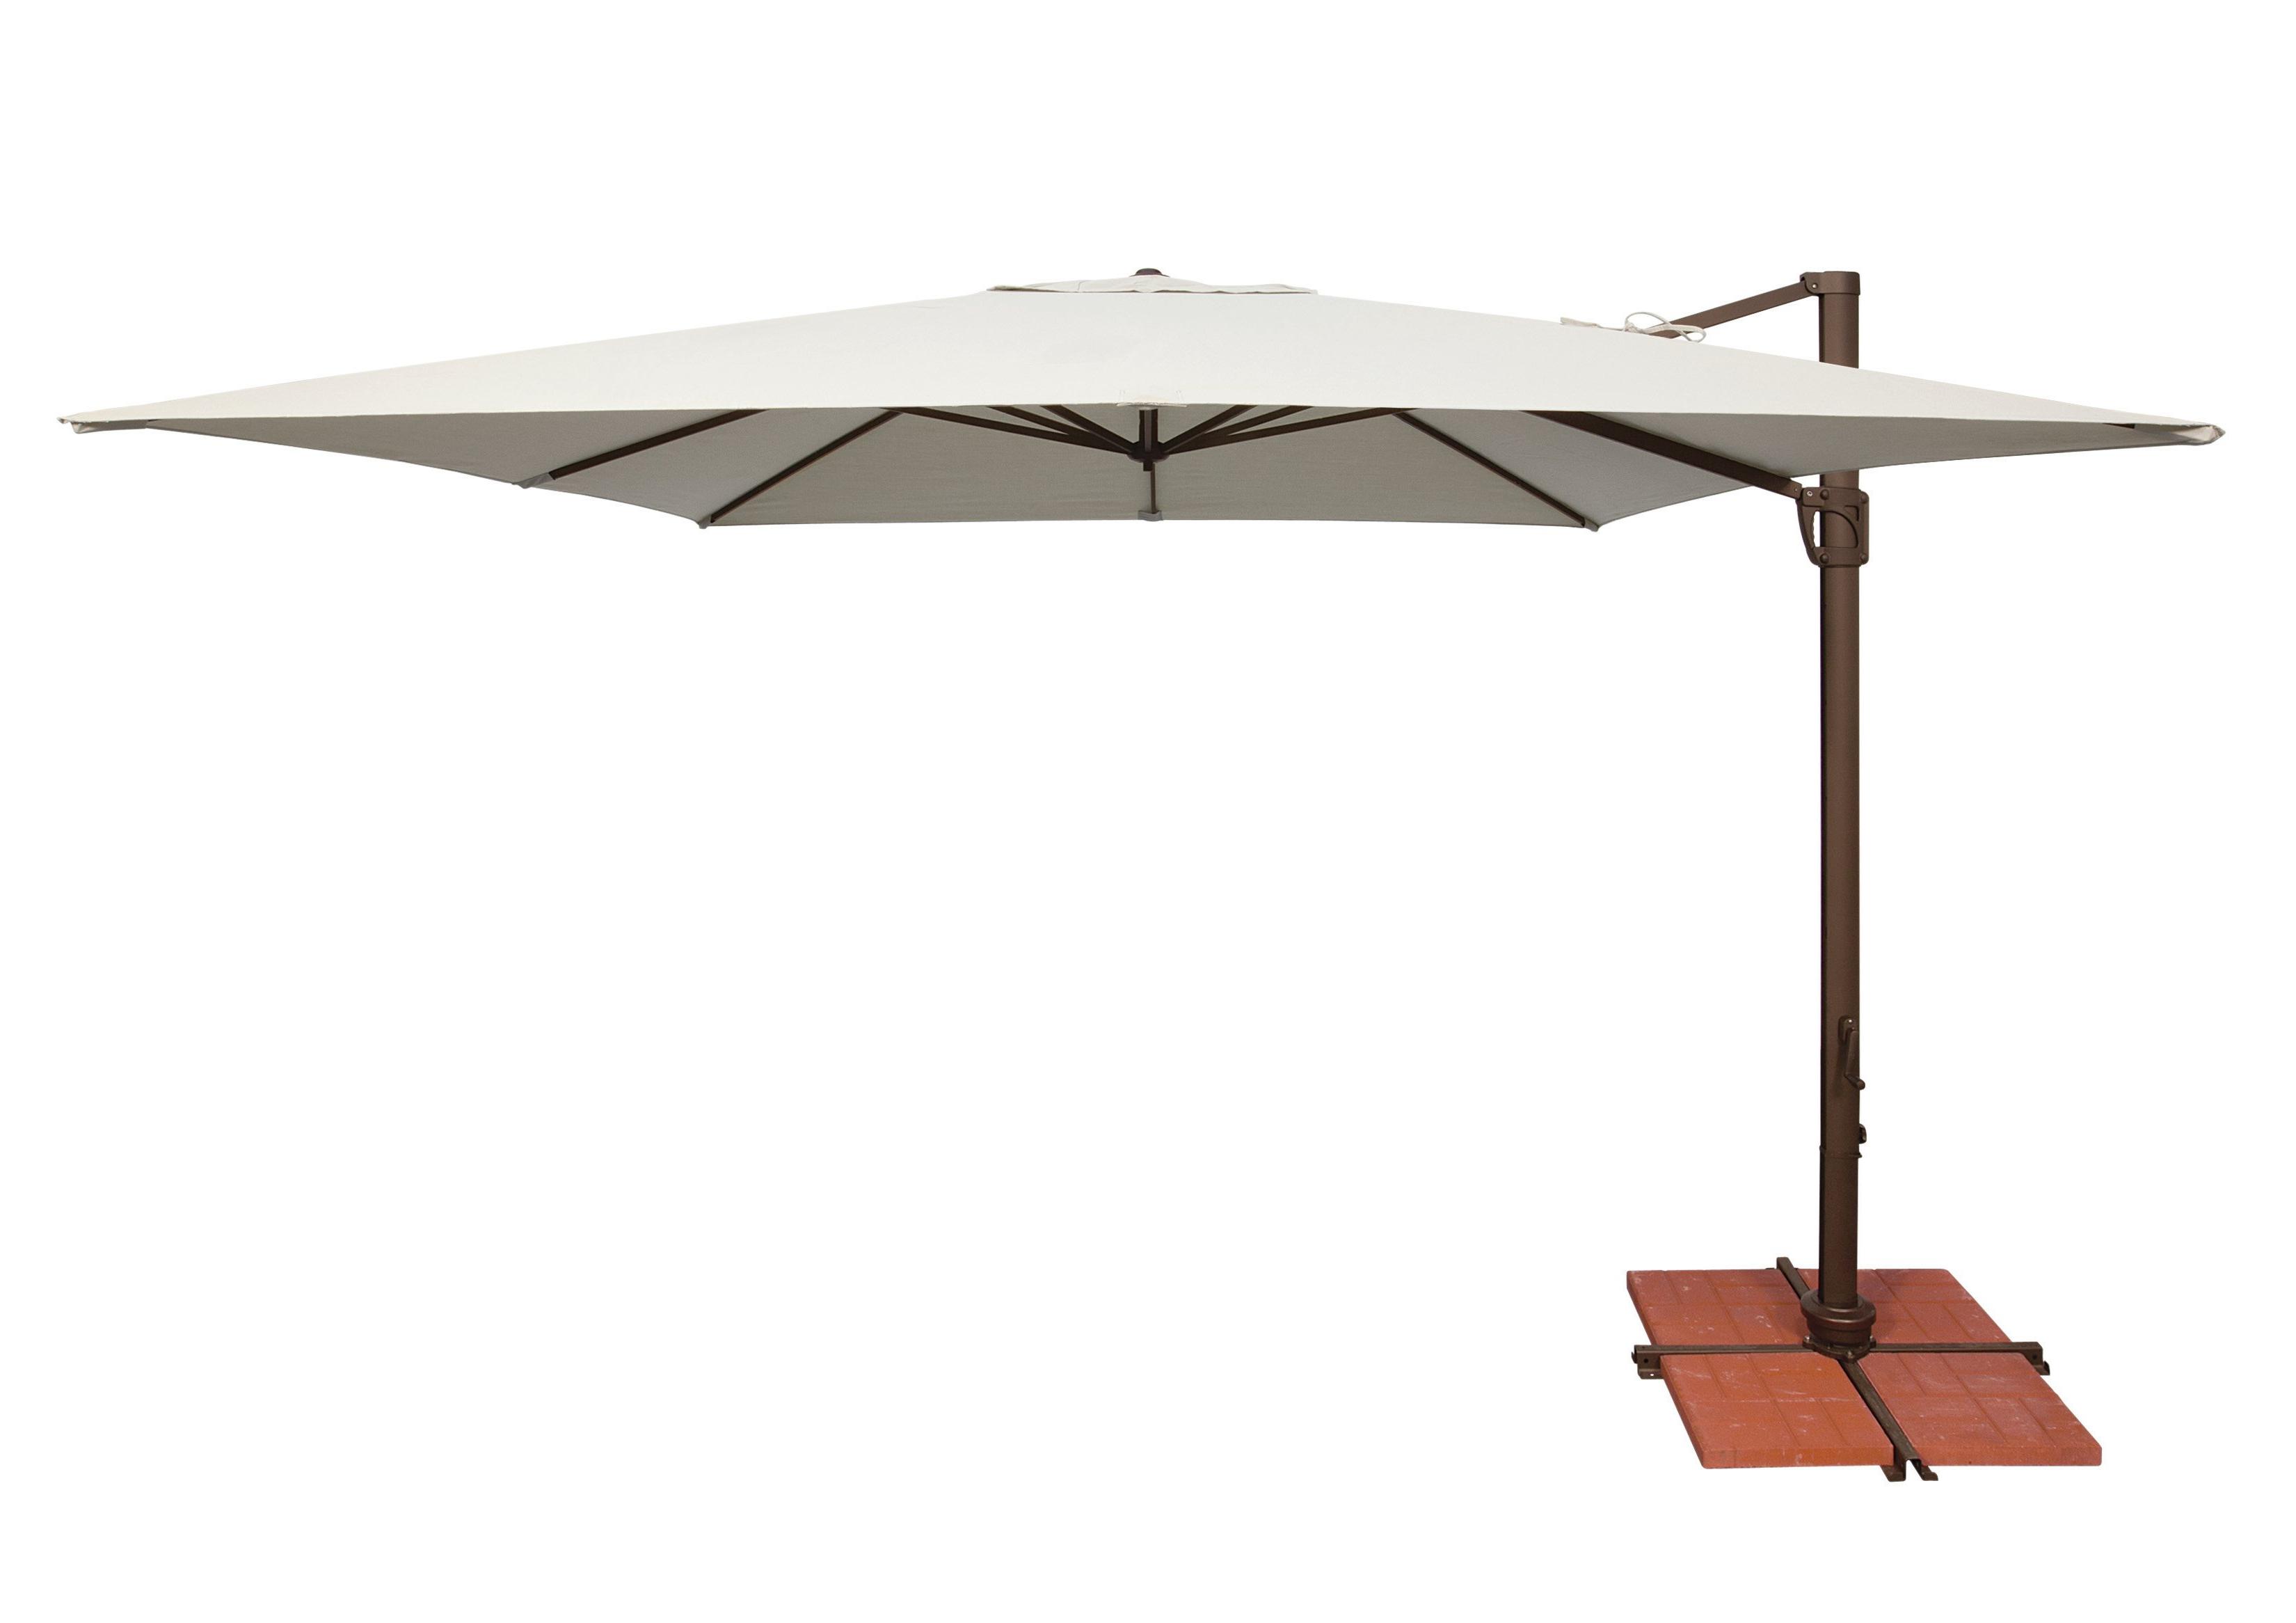 Windell 10' Square Cantilever Umbrella Regarding Fashionable Maidste Square Cantilever Umbrellas (View 12 of 20)